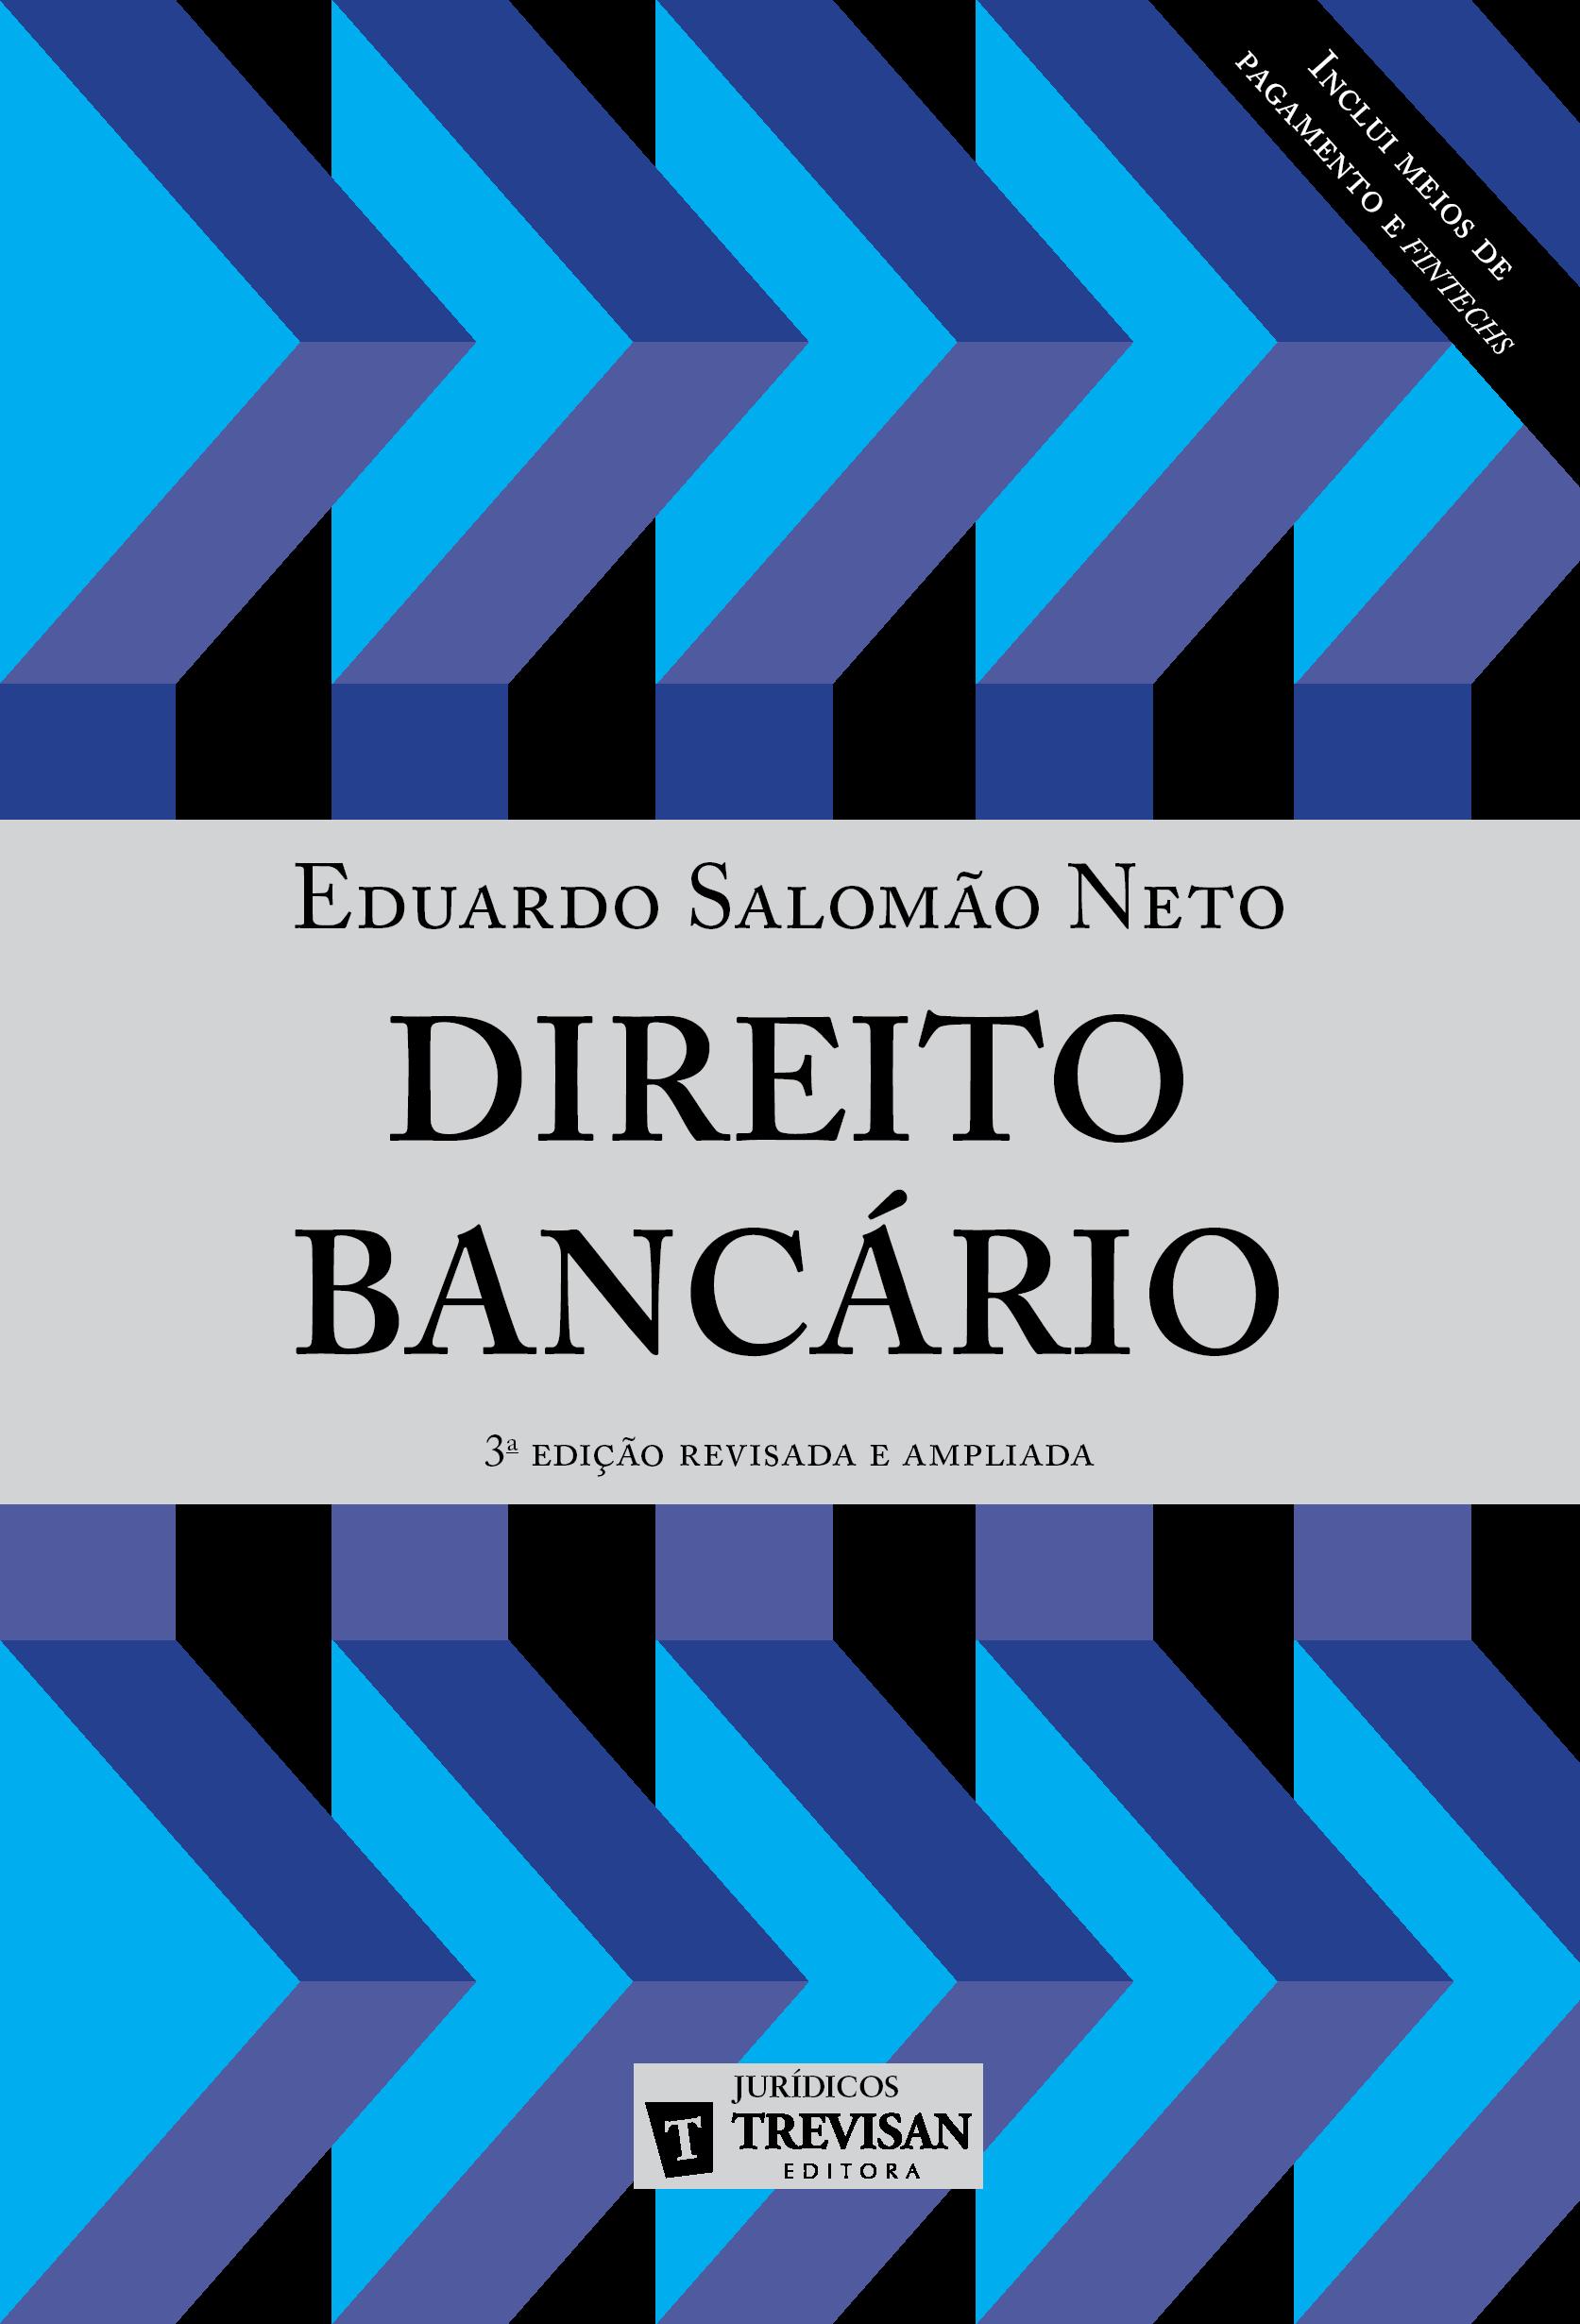 >> Direito Bancário >> 3ª edição, inclui meios de pagamento e fintechs